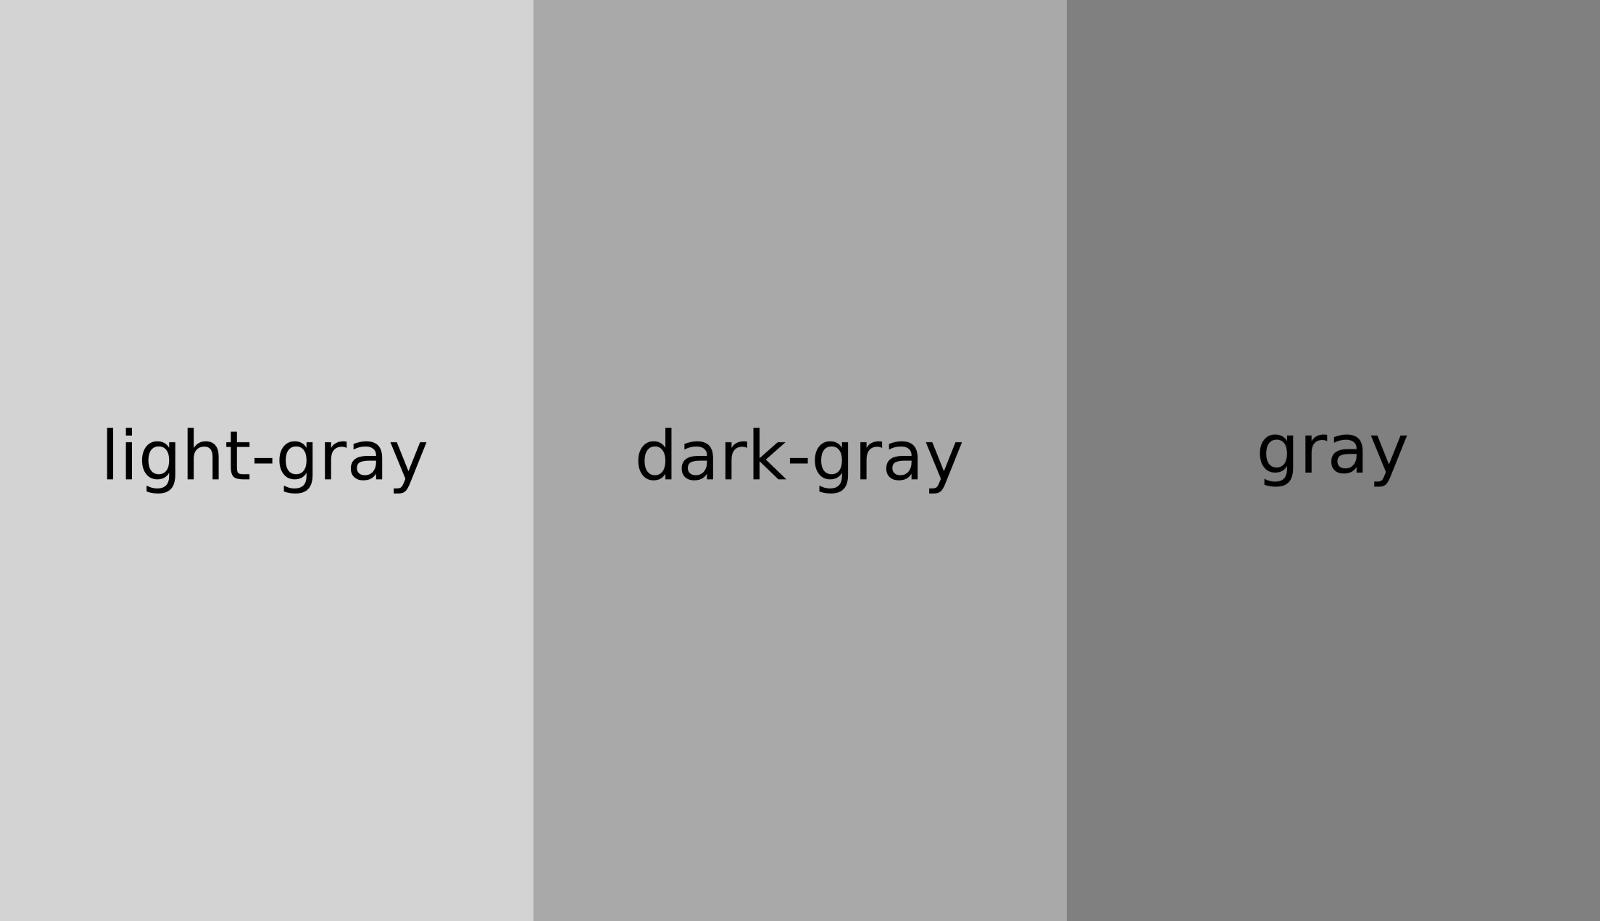 Из-за чего тёмно-серый светлее чем серый в CSS - 2